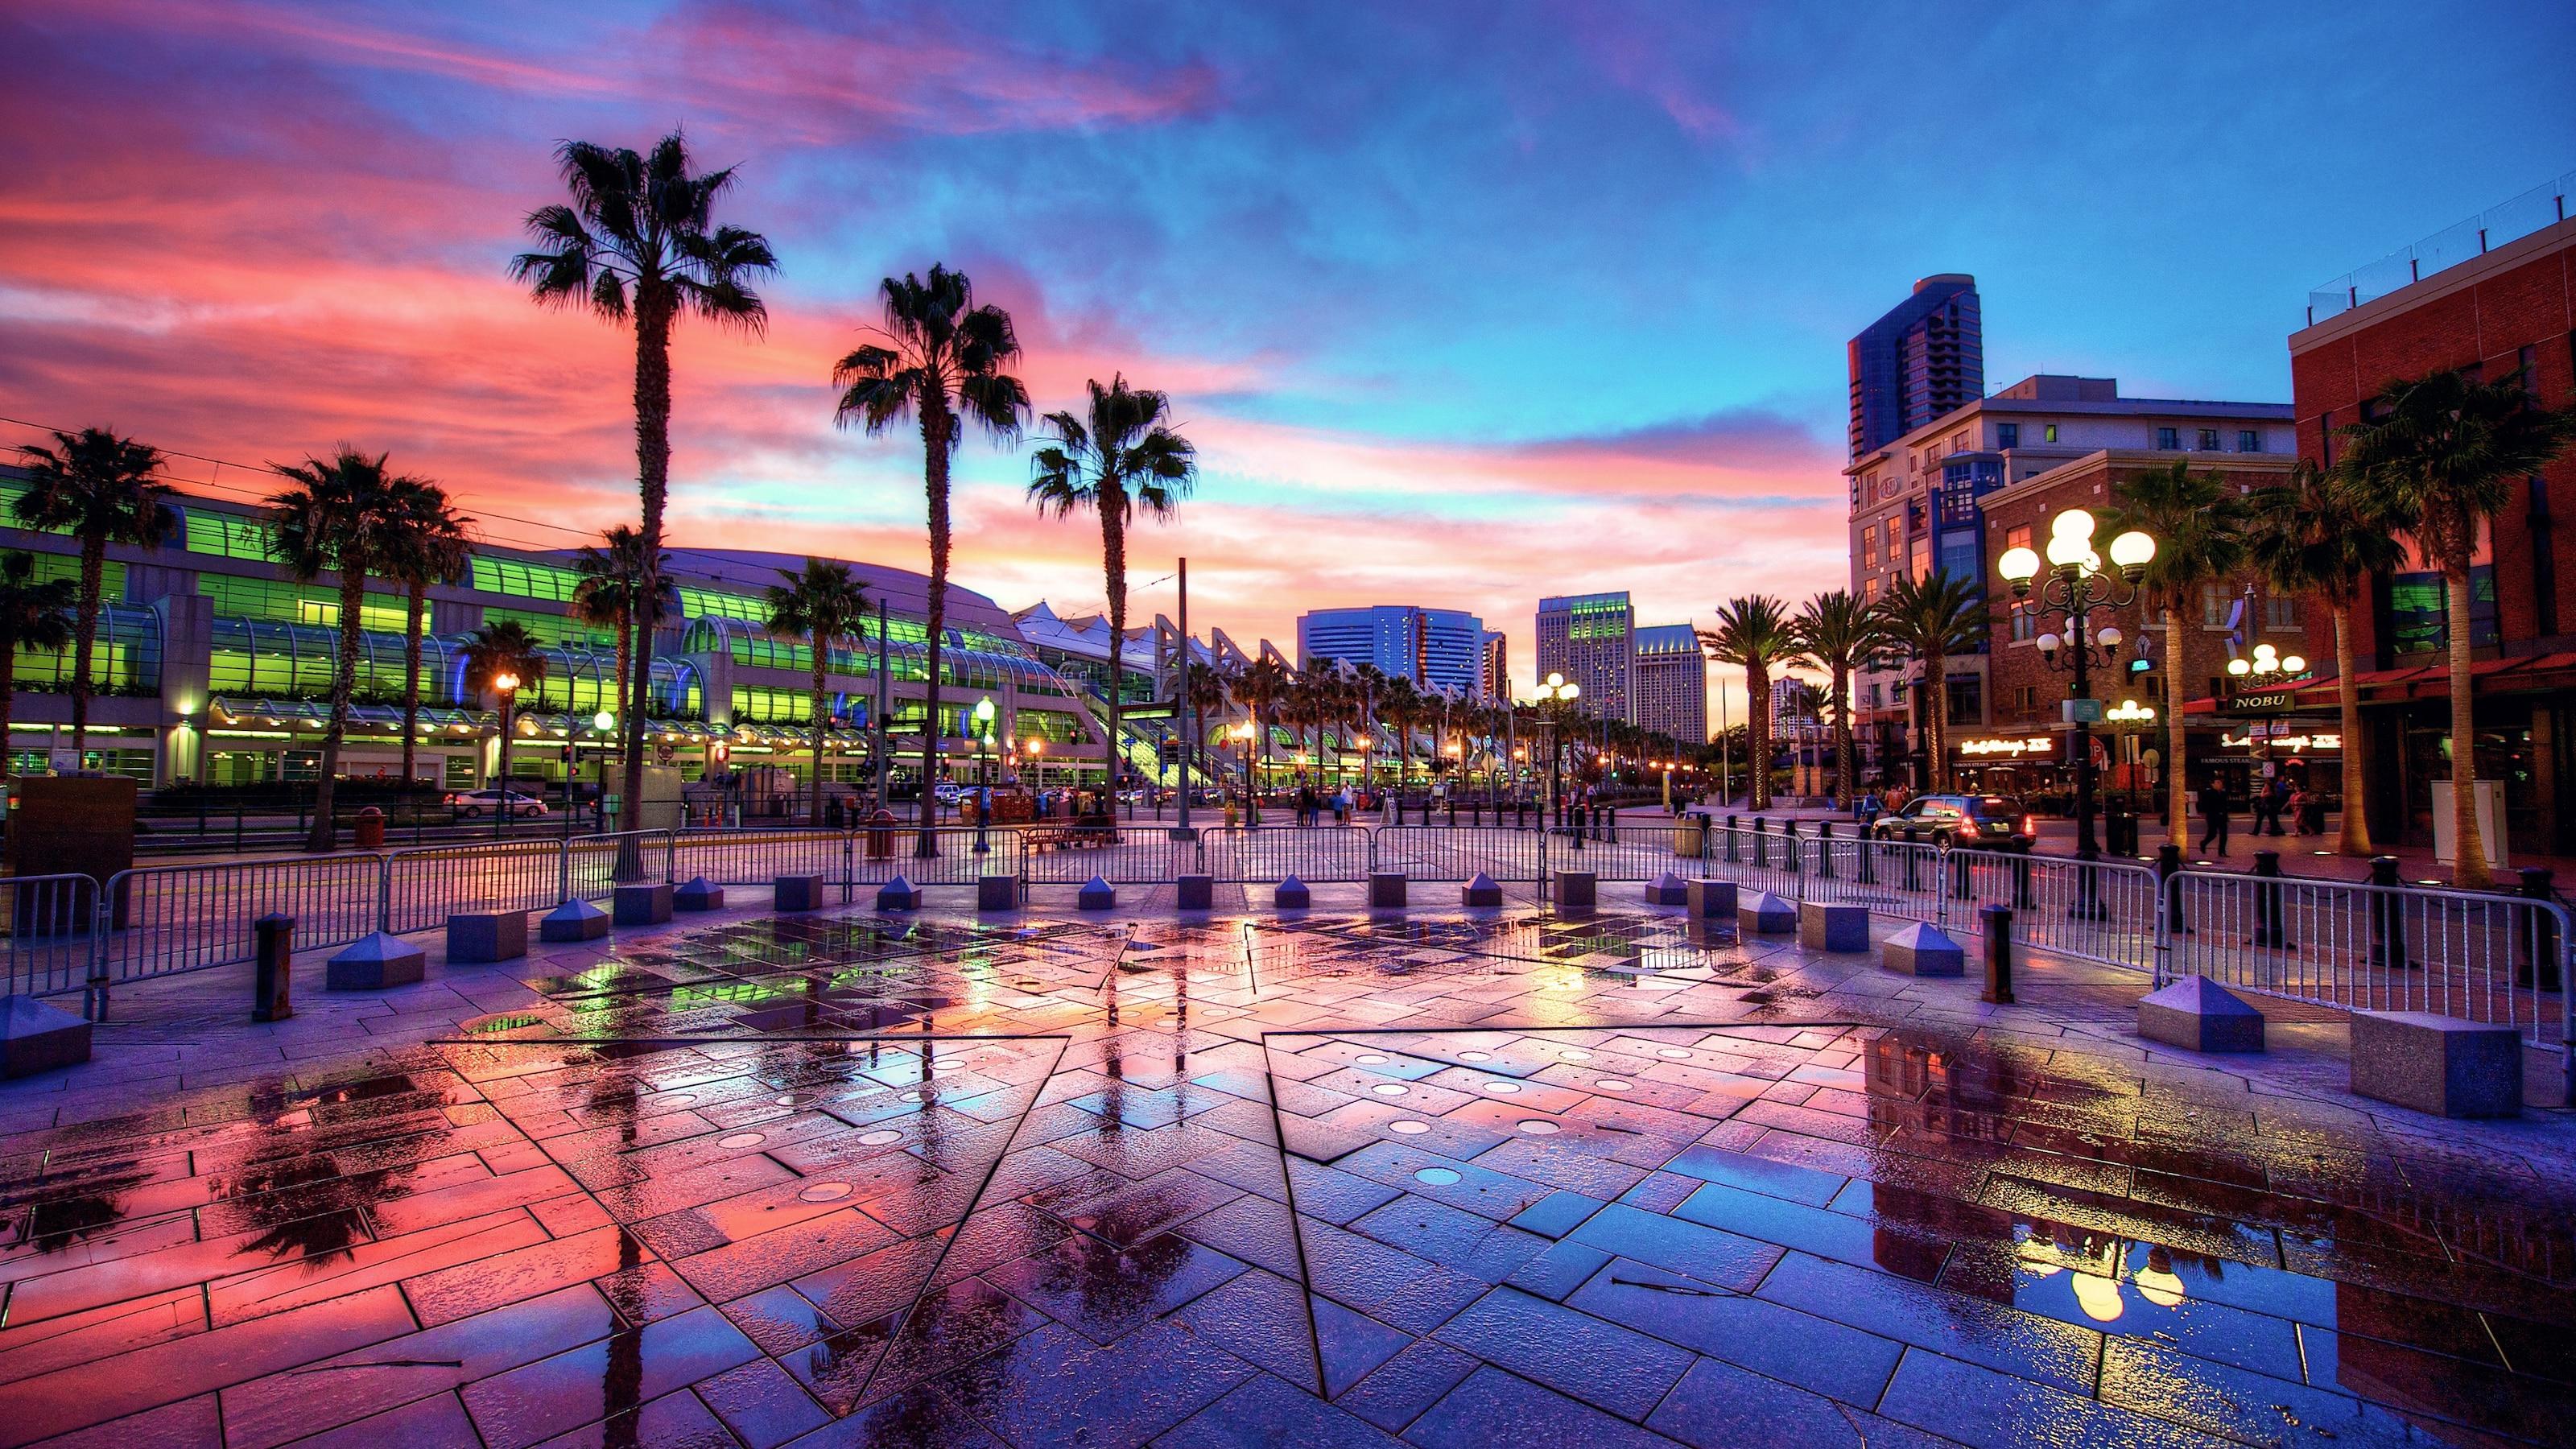 La place moderne du port de San Diego au coucher du soleil